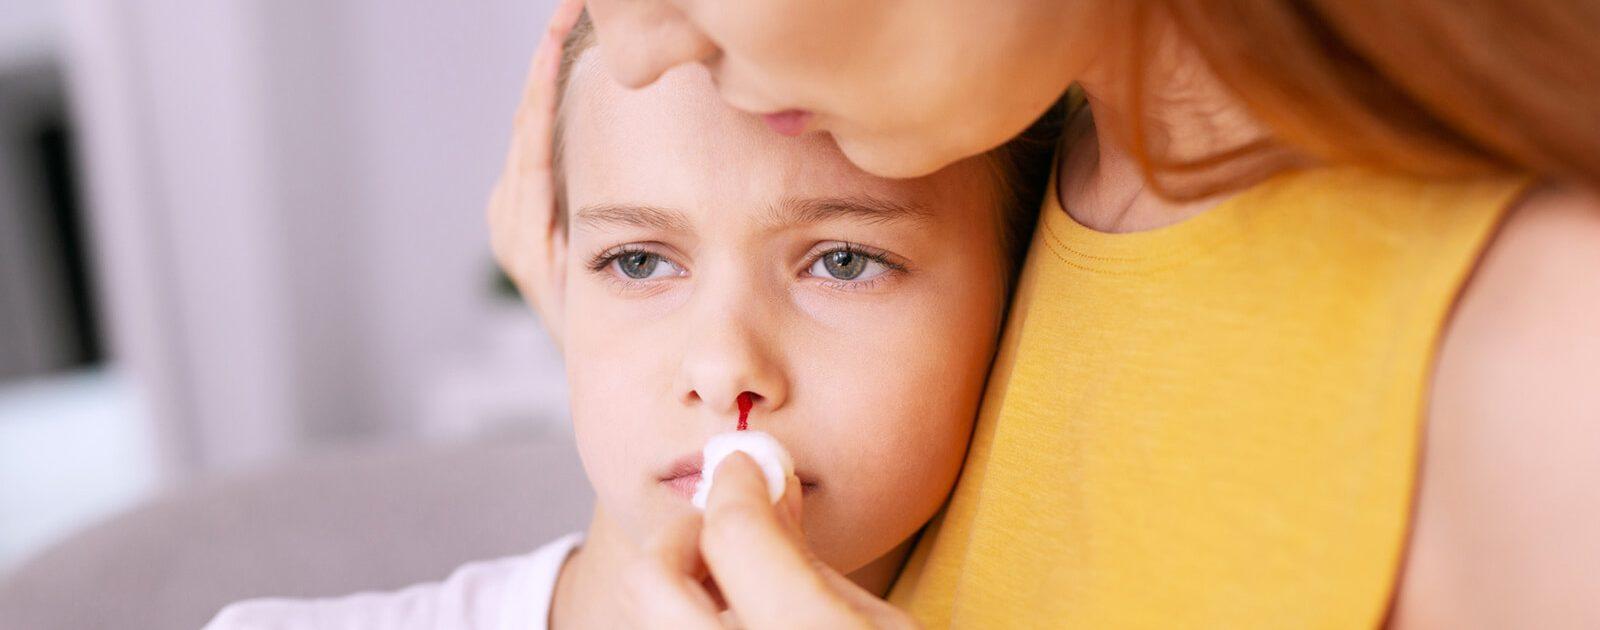 Frau stoppt das Nasenbluten ihres Kindes.